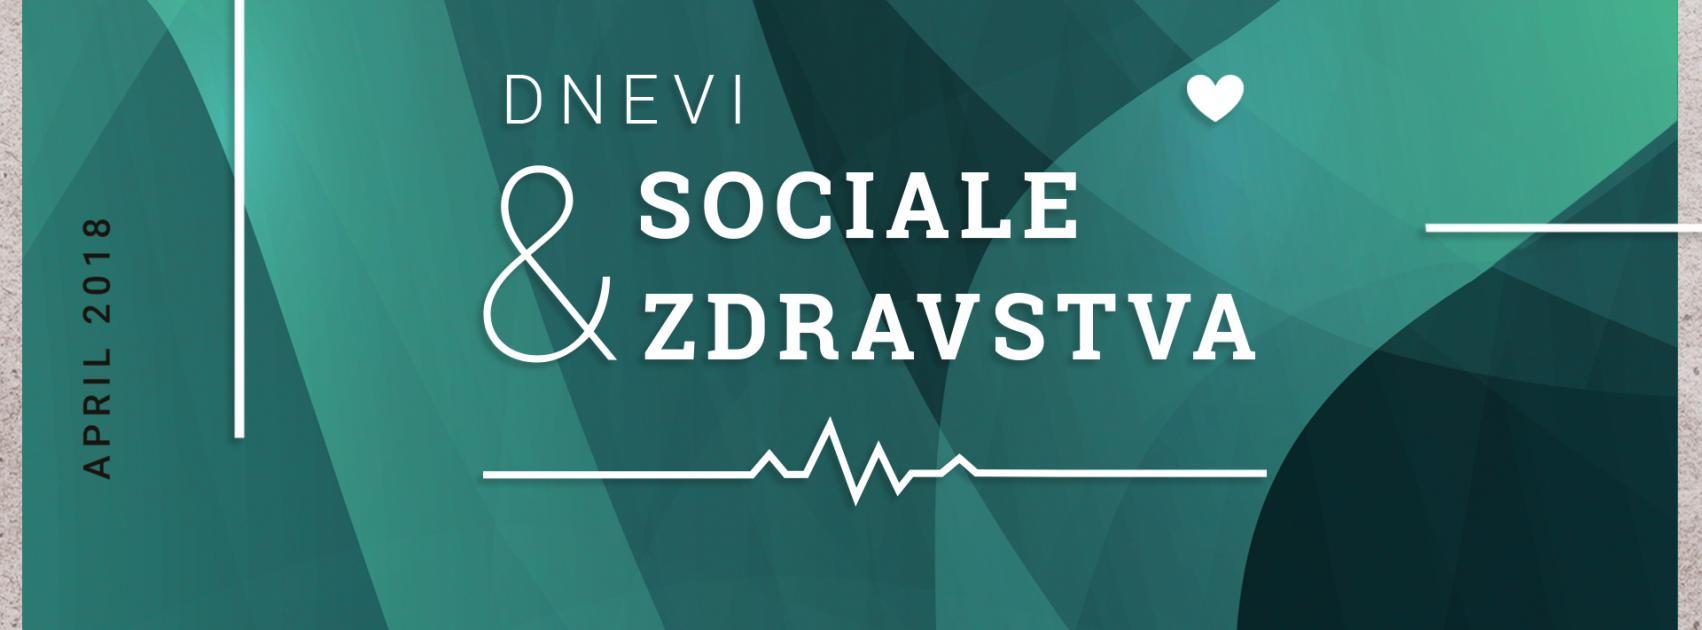 dnevi_sociale_in_zdravstva.jpg